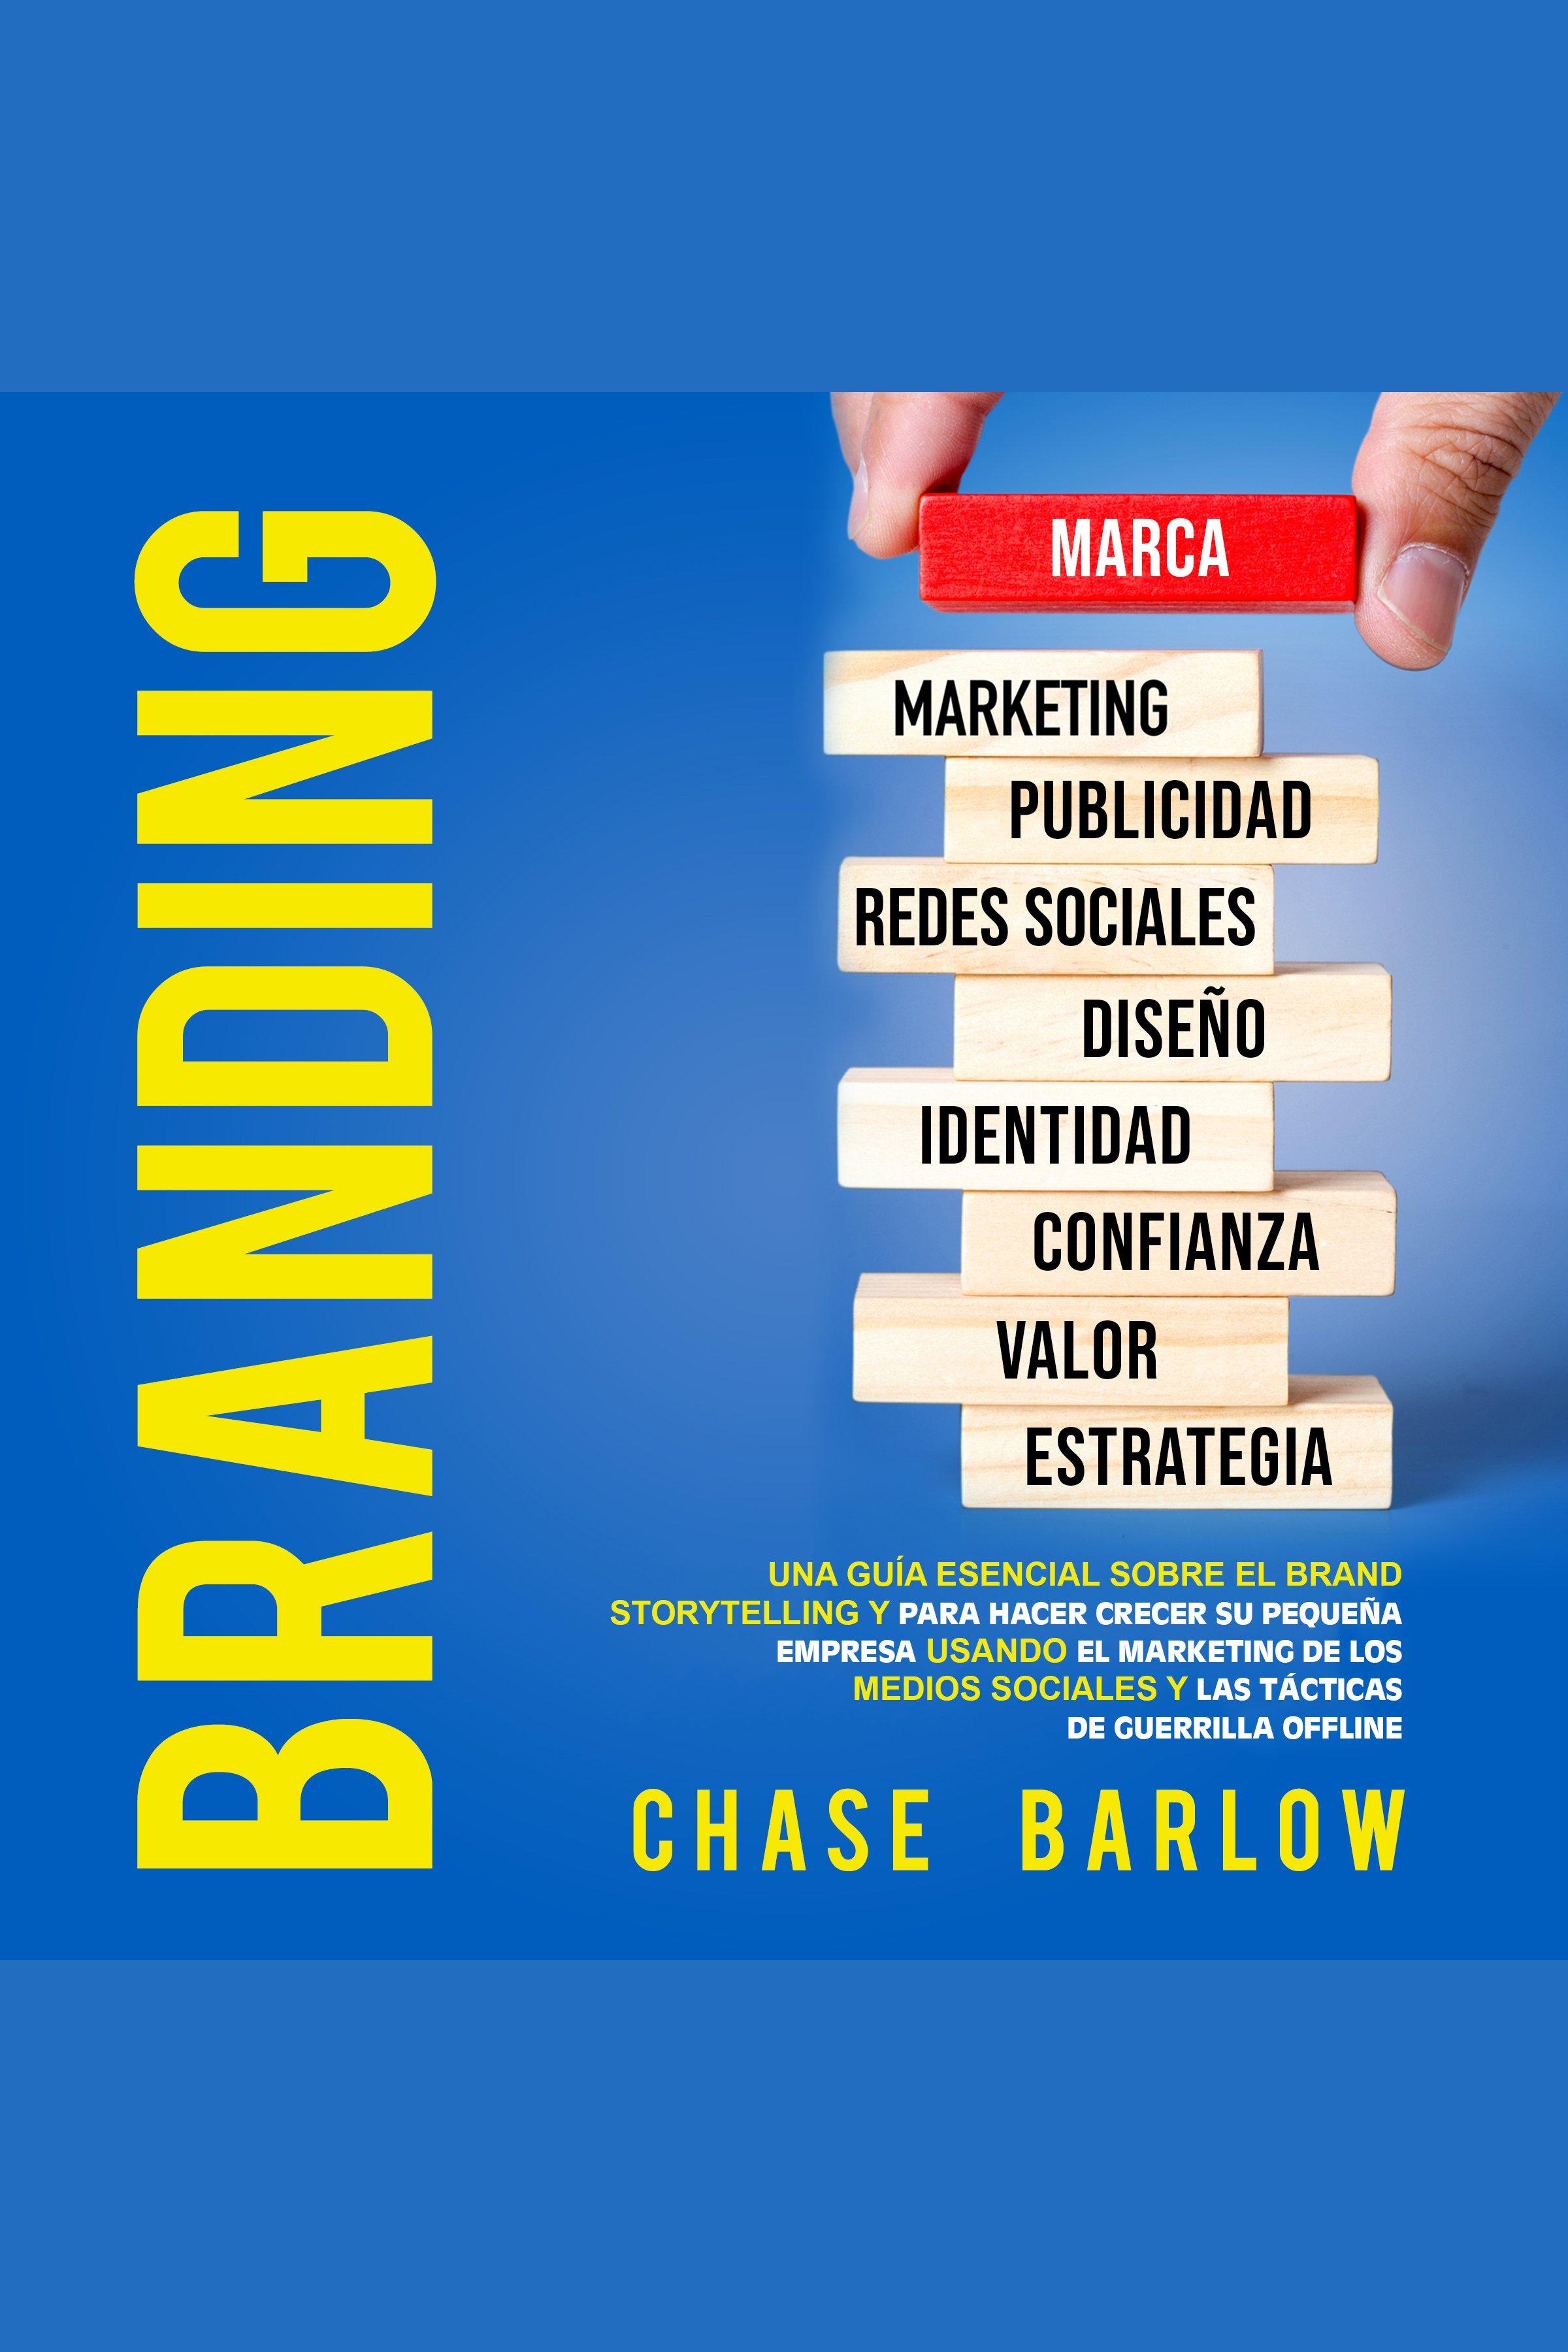 Esta es la portada del audiolibro Branding: Una guía esencial sobre el brand storytelling y para hacer crecer su pequeña empresa usando el marketing de los medios sociales y las tácticas de guerrilla offline